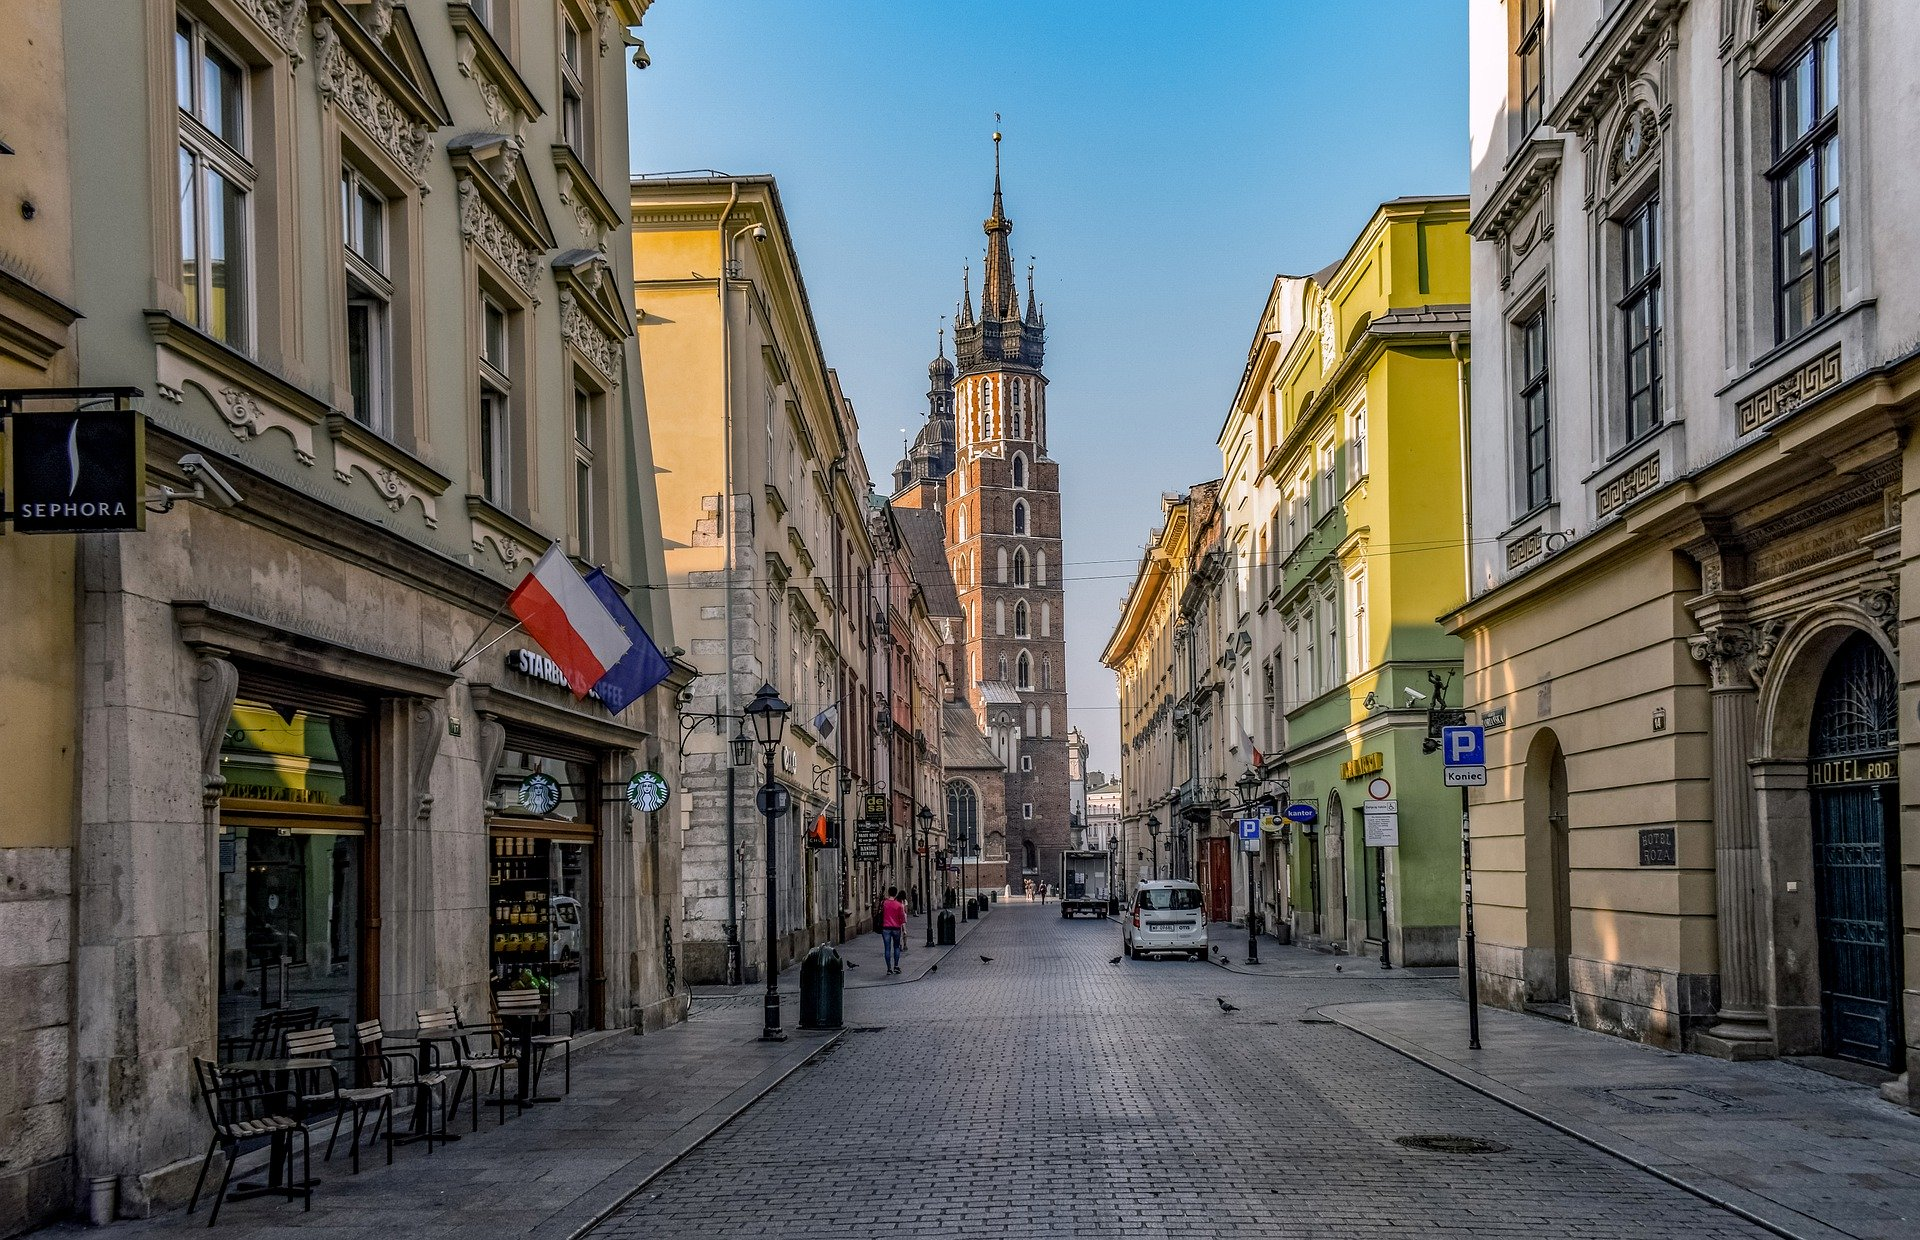 Seniorze – wybierz się na spacer po Krakowie!